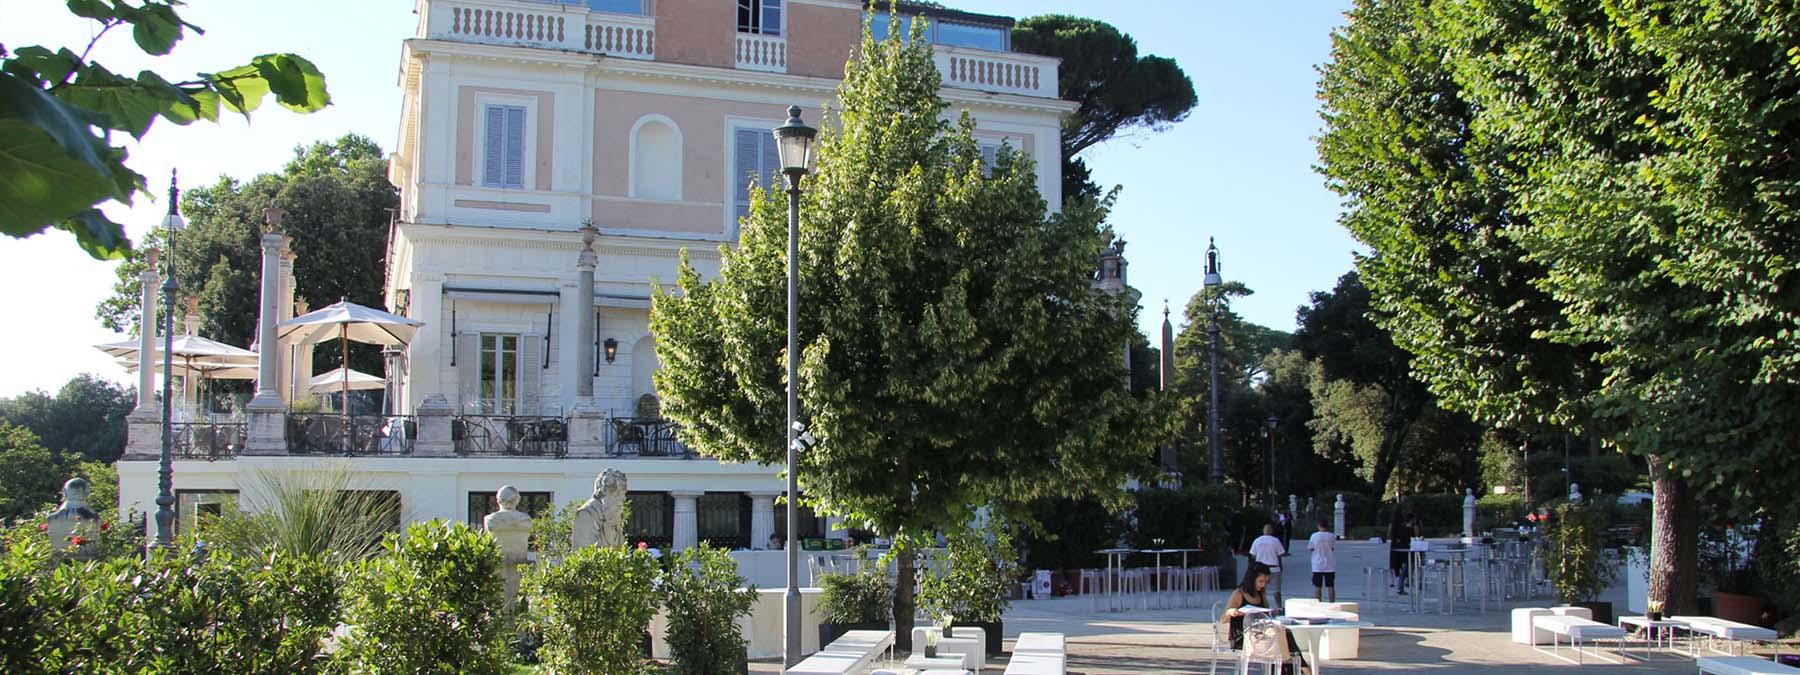 eventi all'aperto a Roma - Casina Valadier